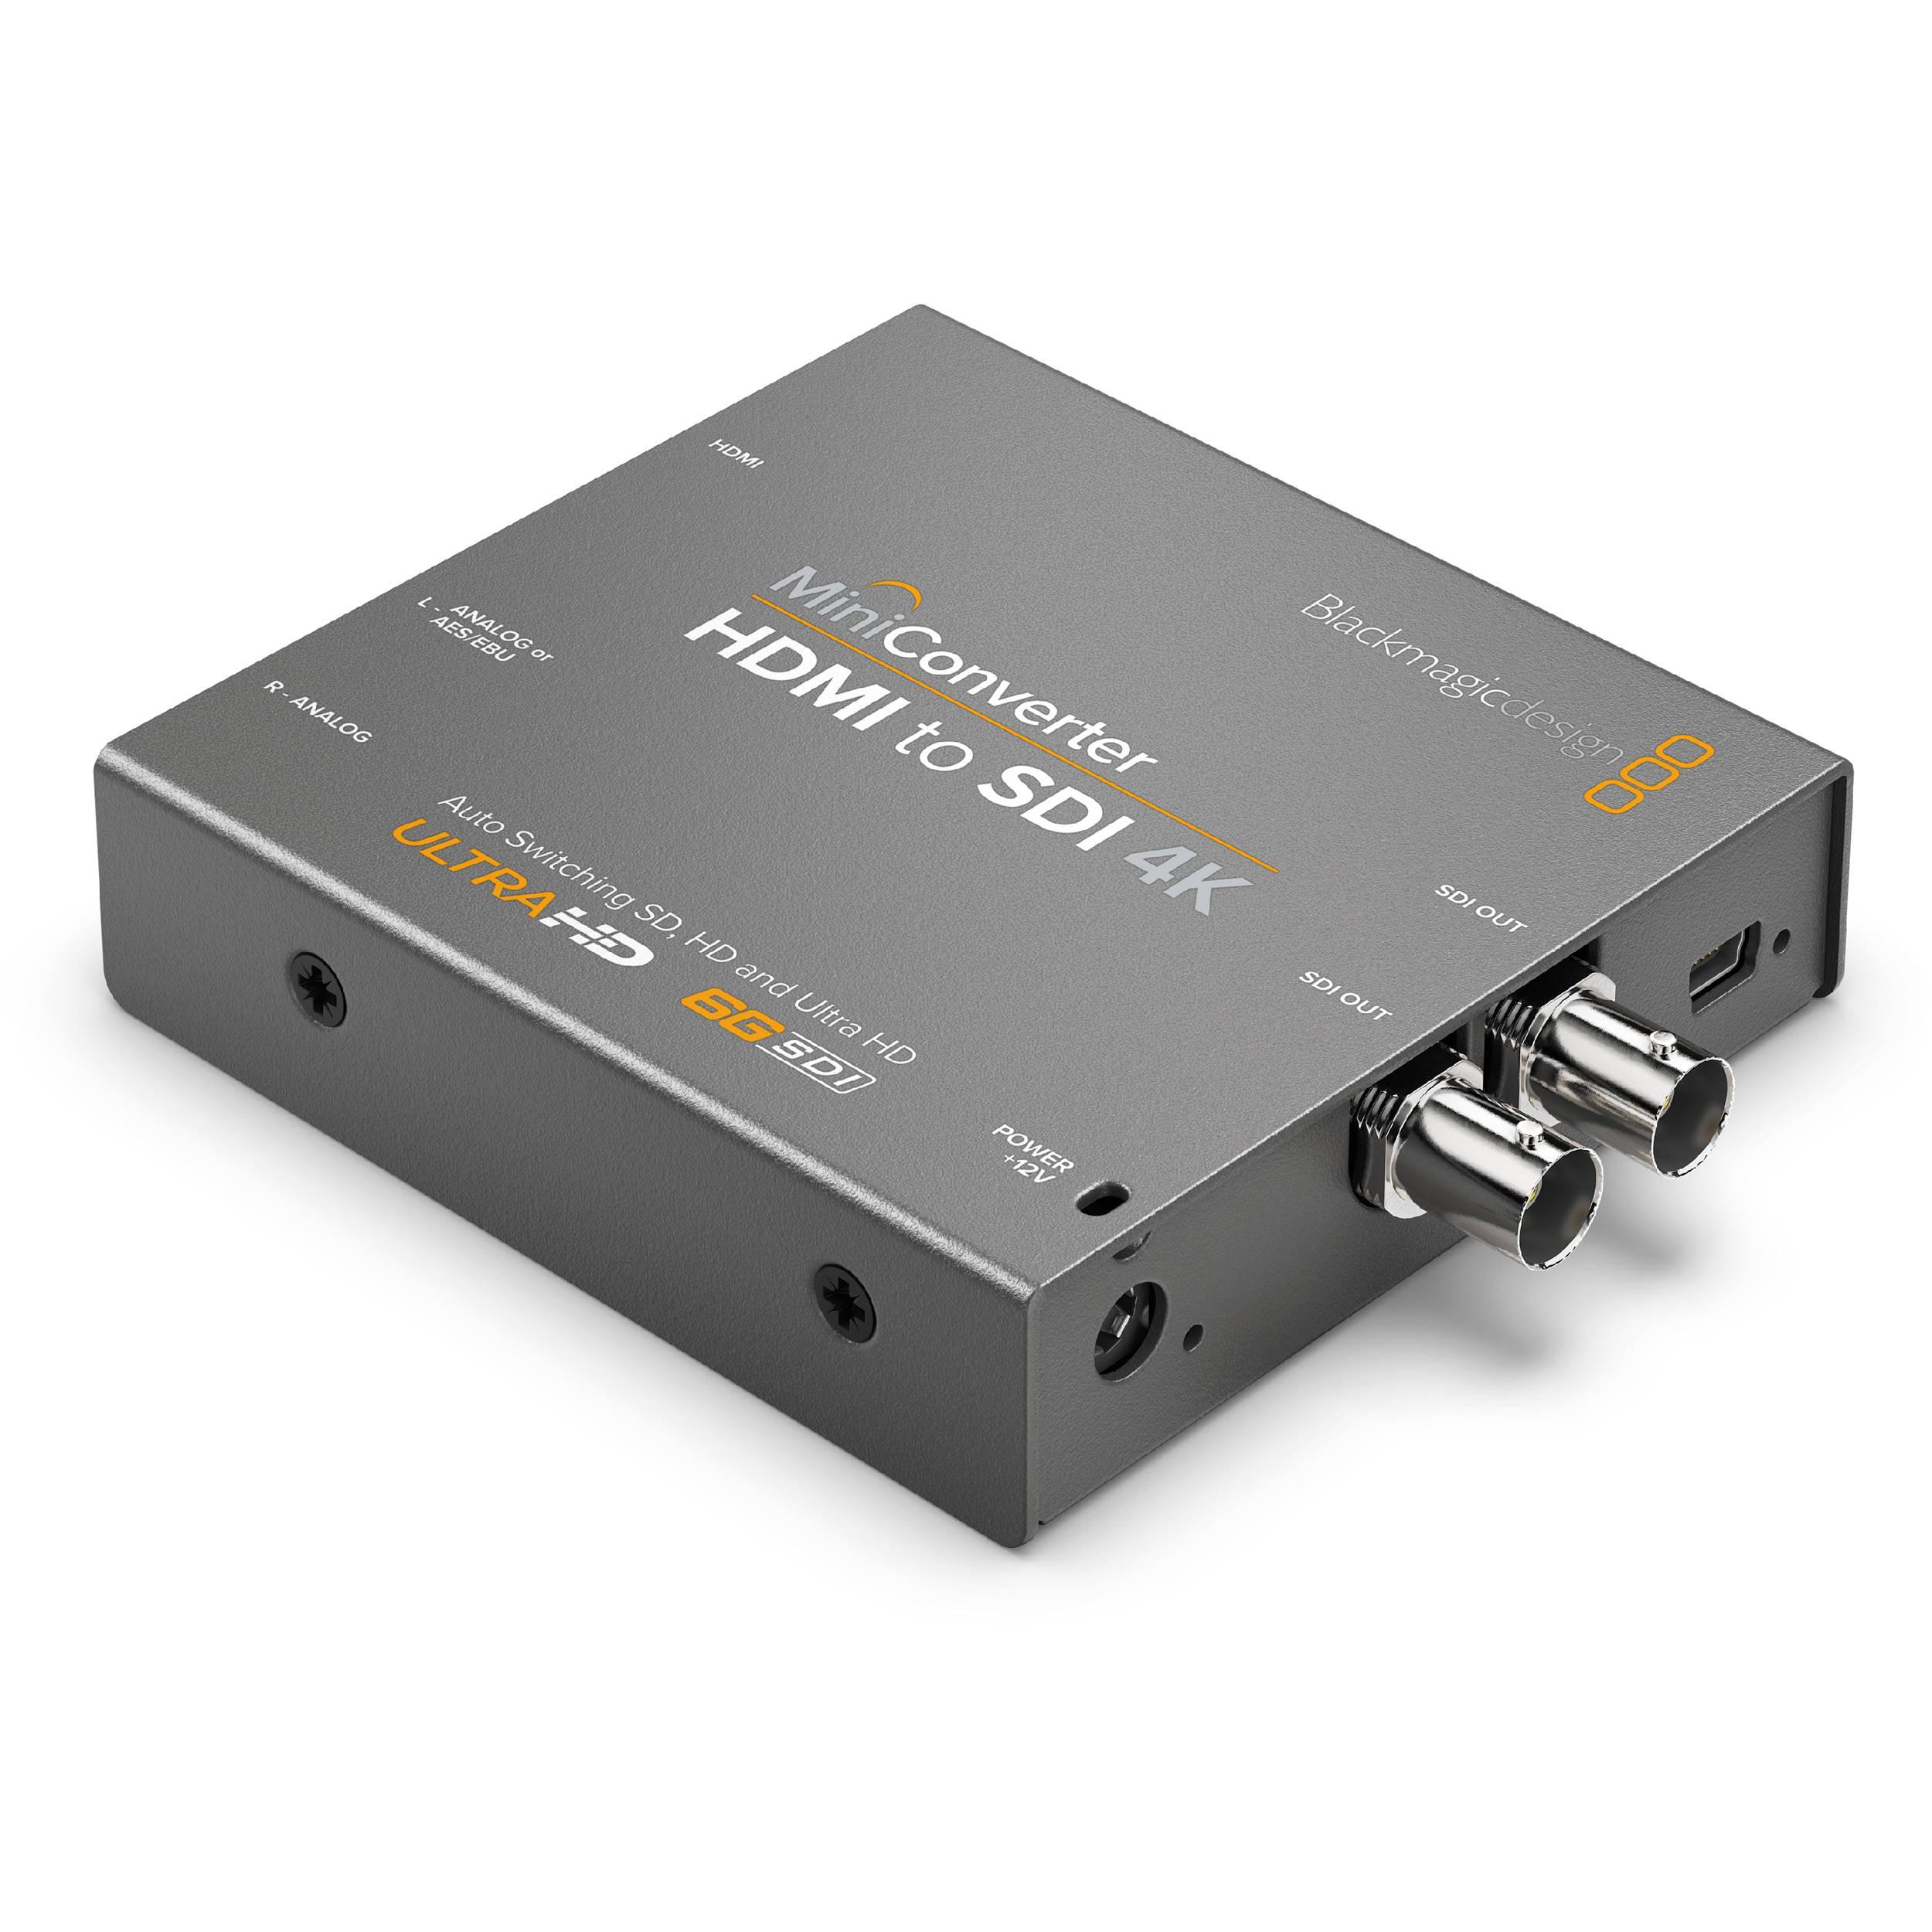 Converstisseurs HDMI, HDSI, VGA, DVI Image